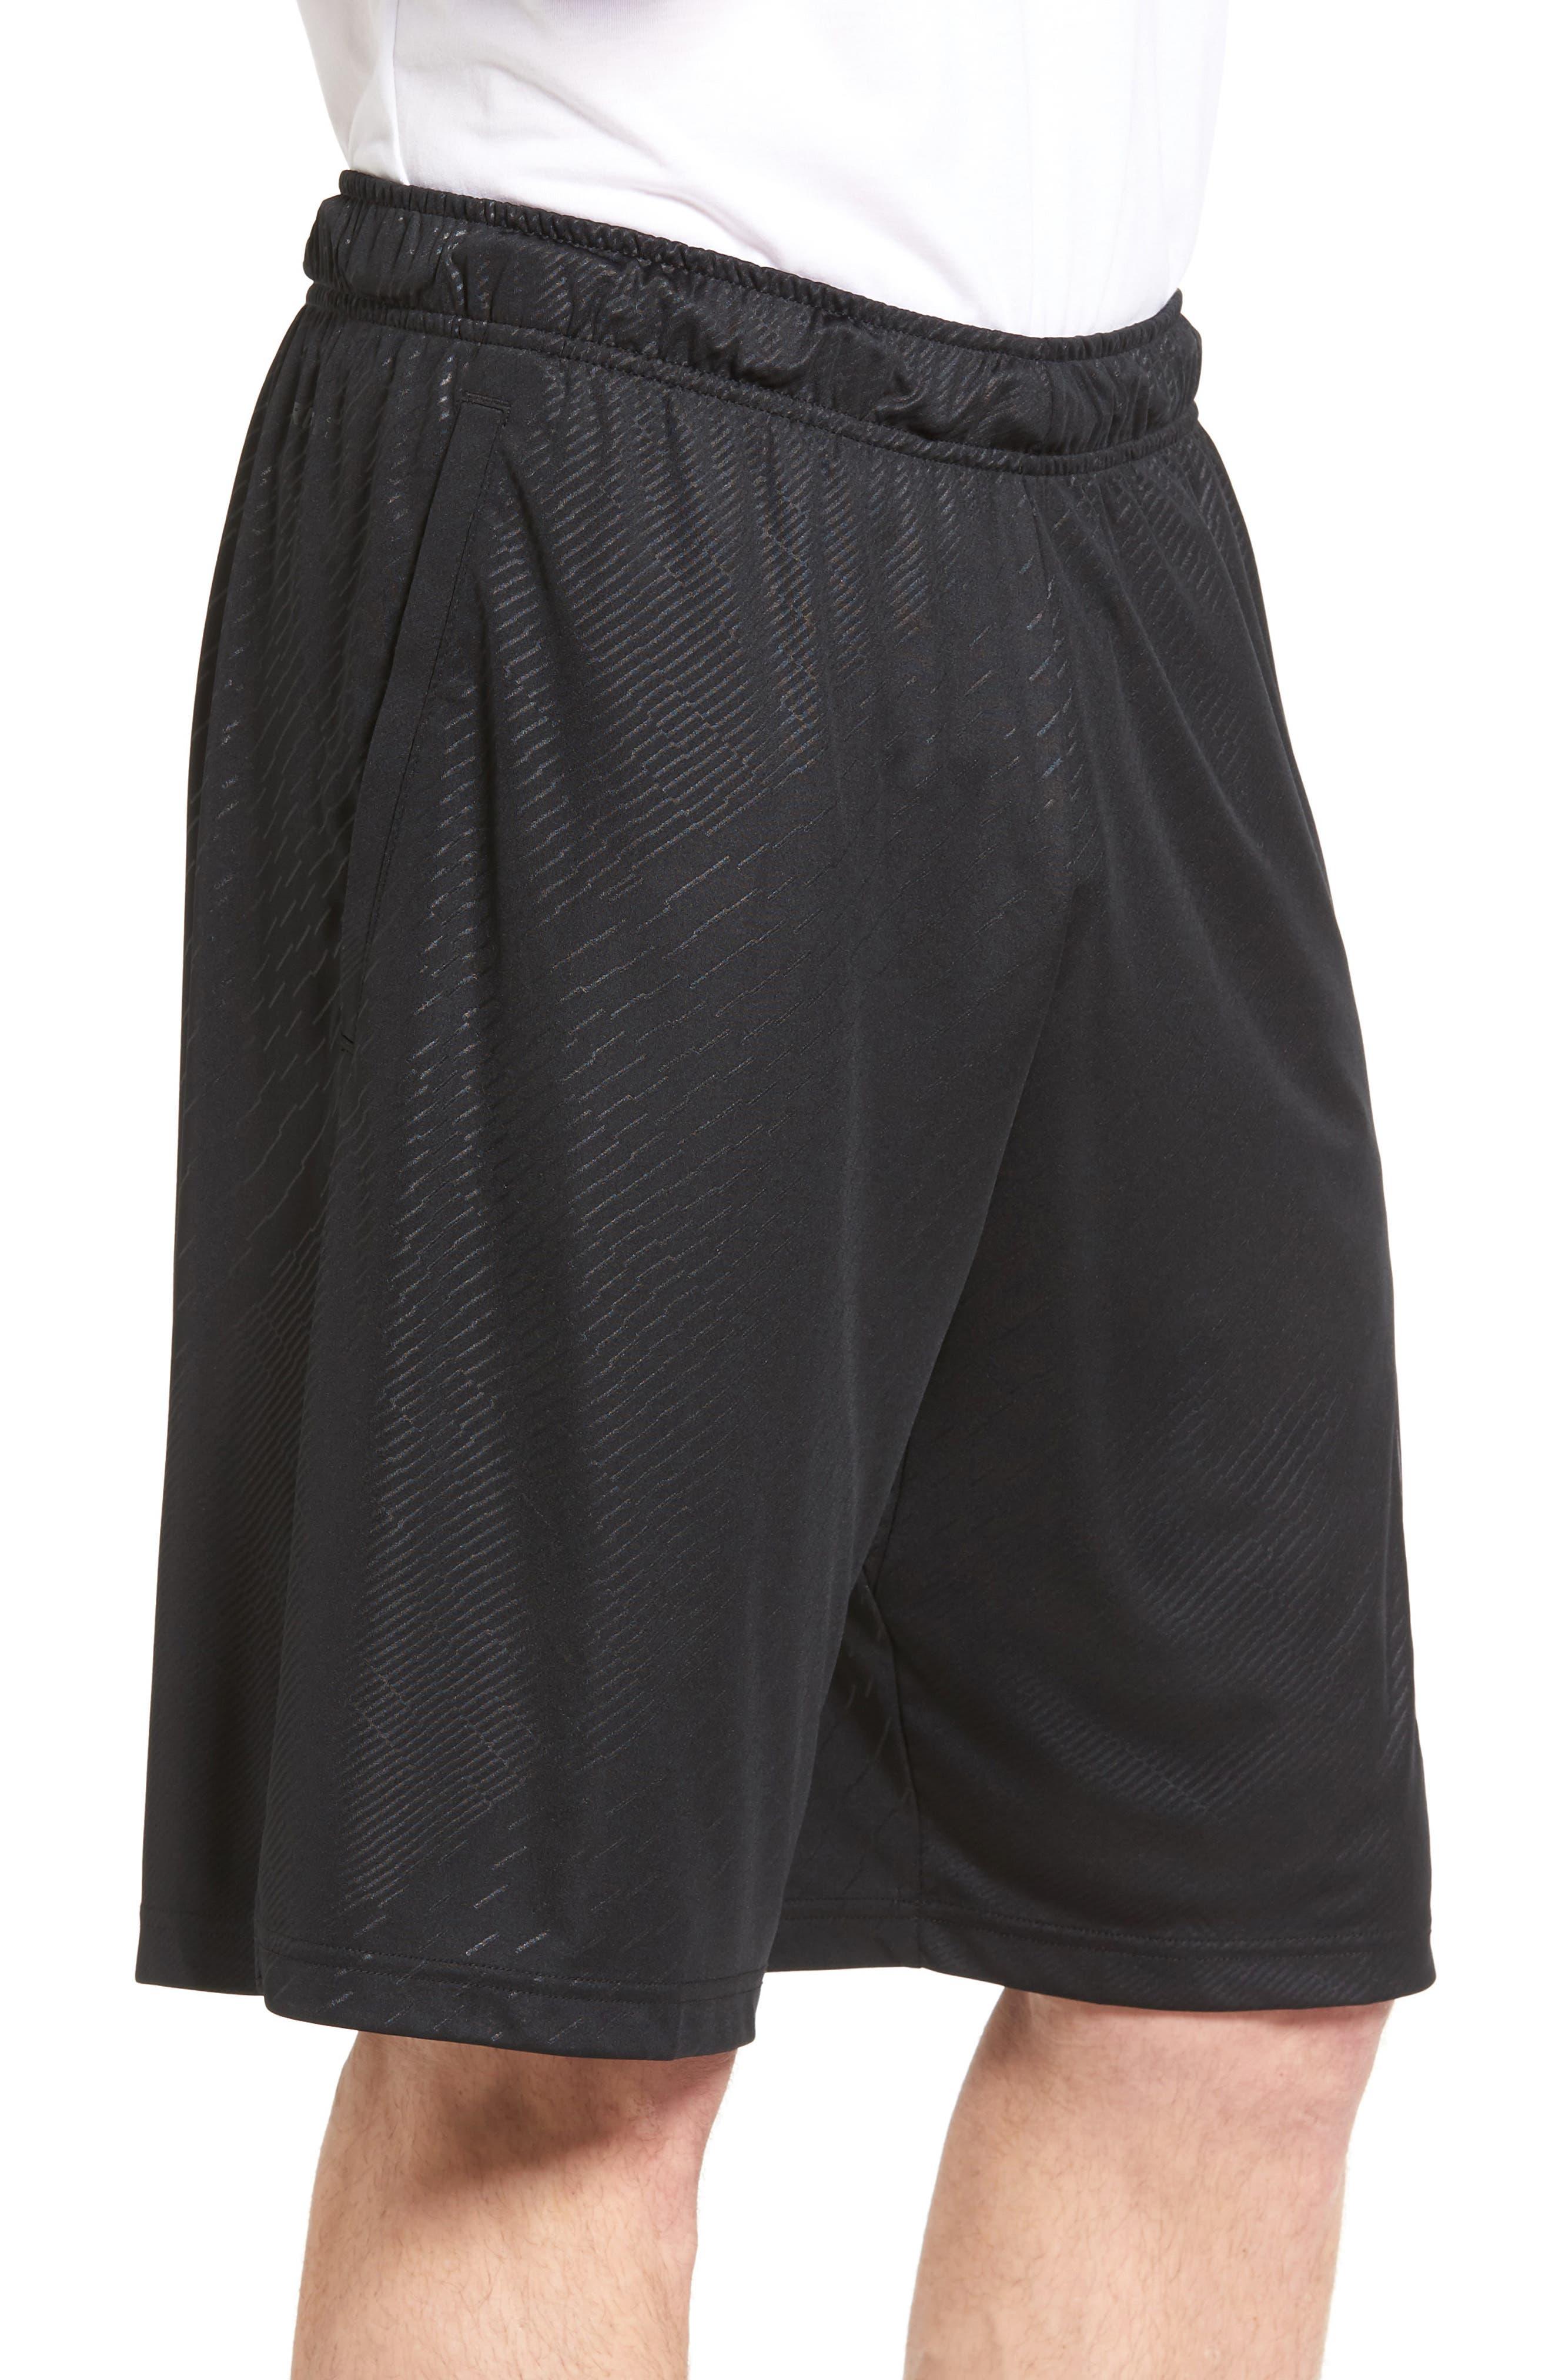 Dry Training Shorts,                             Alternate thumbnail 3, color,                             Black/ White